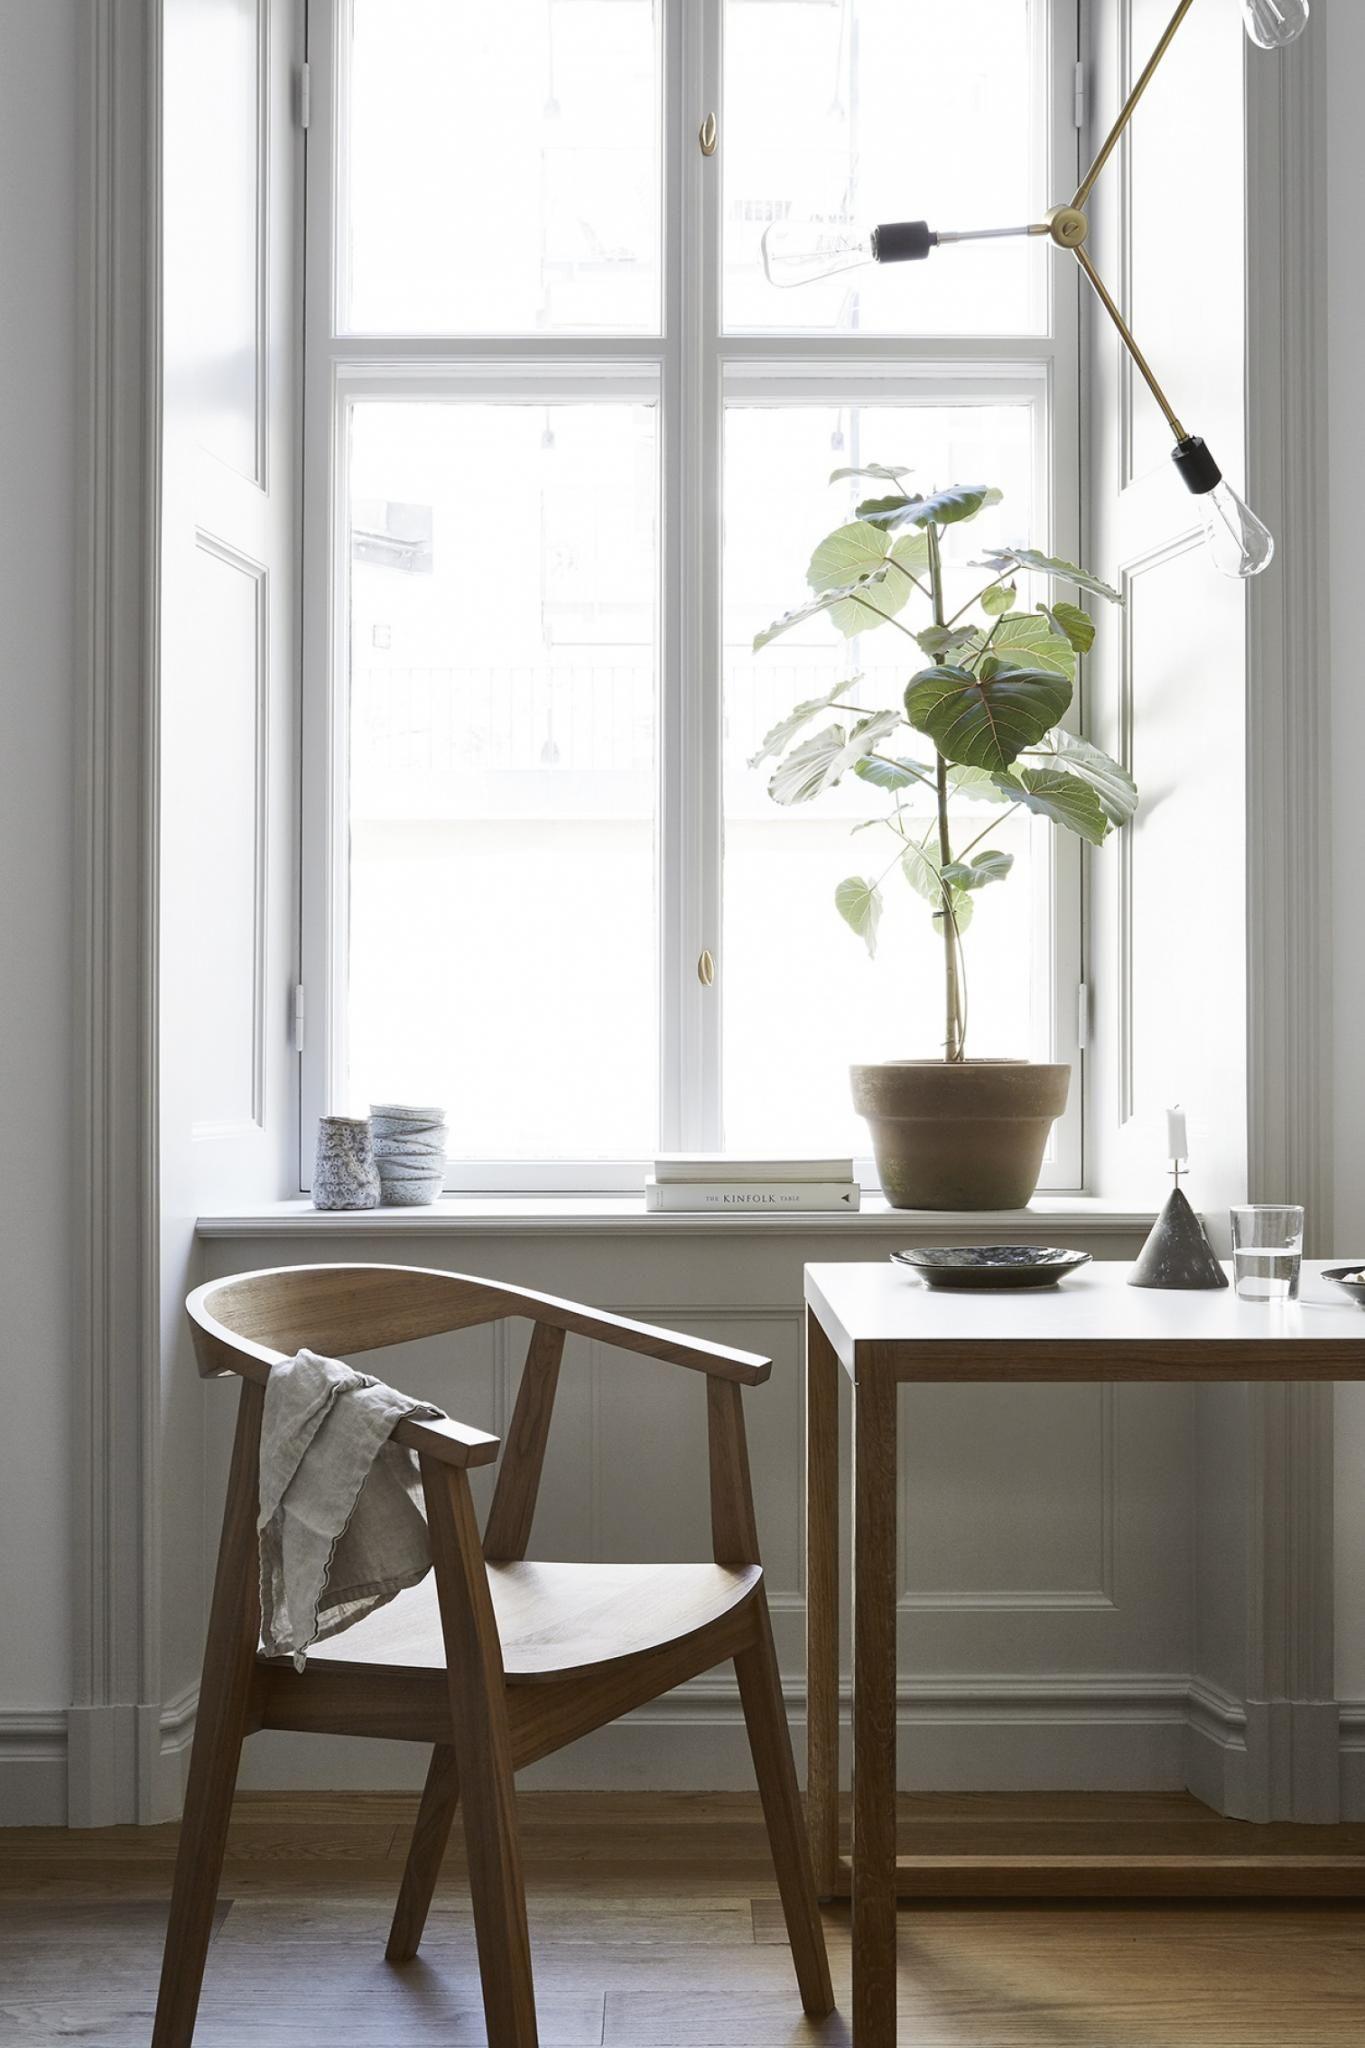 Pin von Lilaliv auf OFFICE | Pinterest | Kleine wohnung, Küche und ...